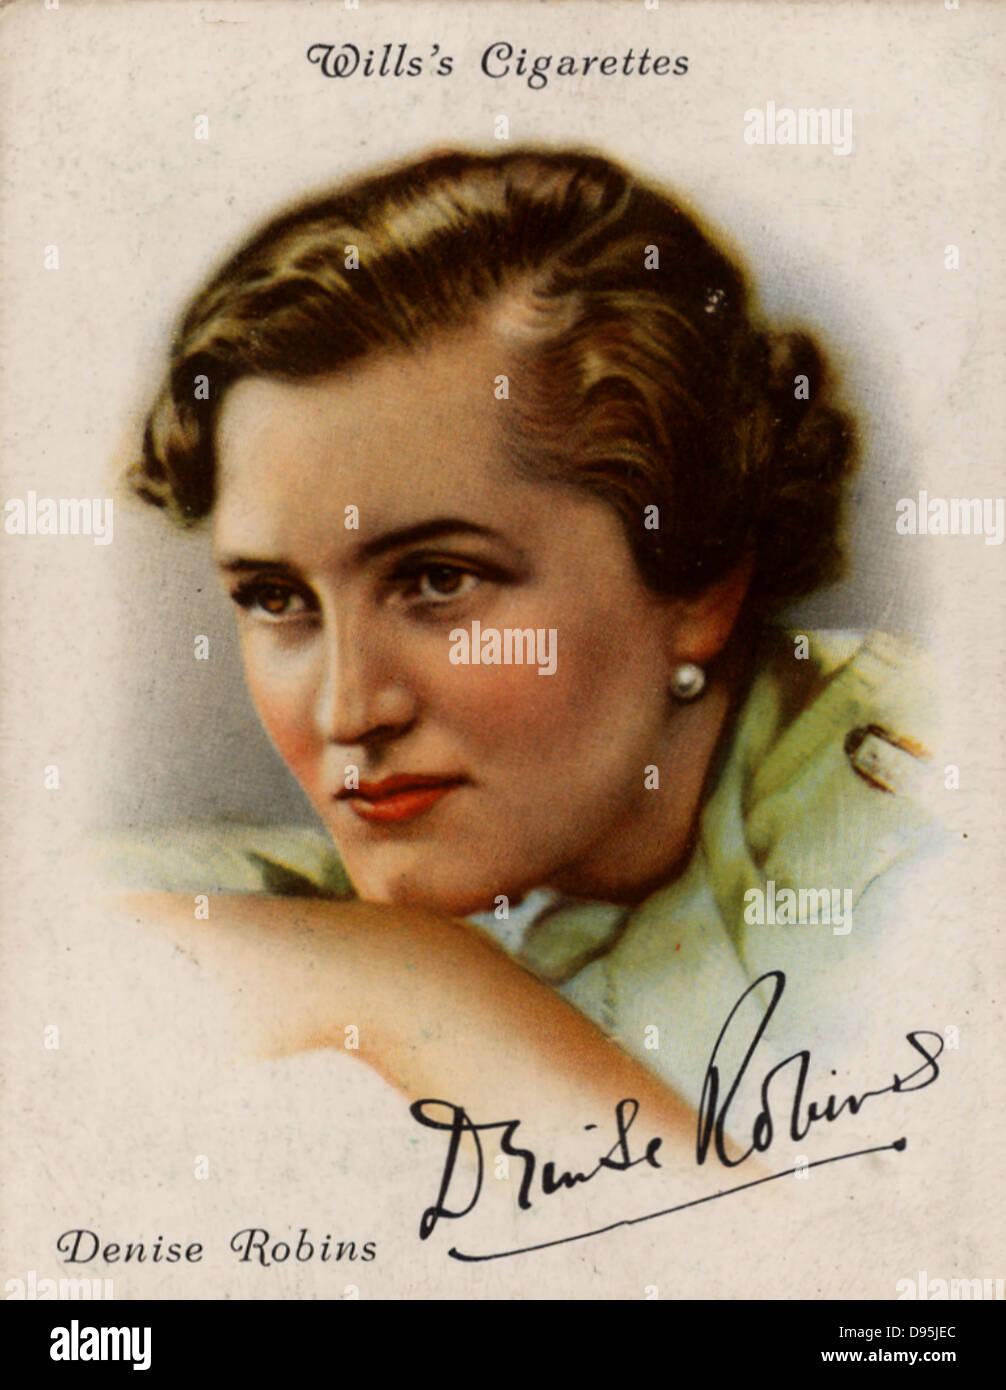 Denise Robins (1897-1985) romancier populaire britannique, dramaturge et nouvelliste. À partir d'une série Photo Stock